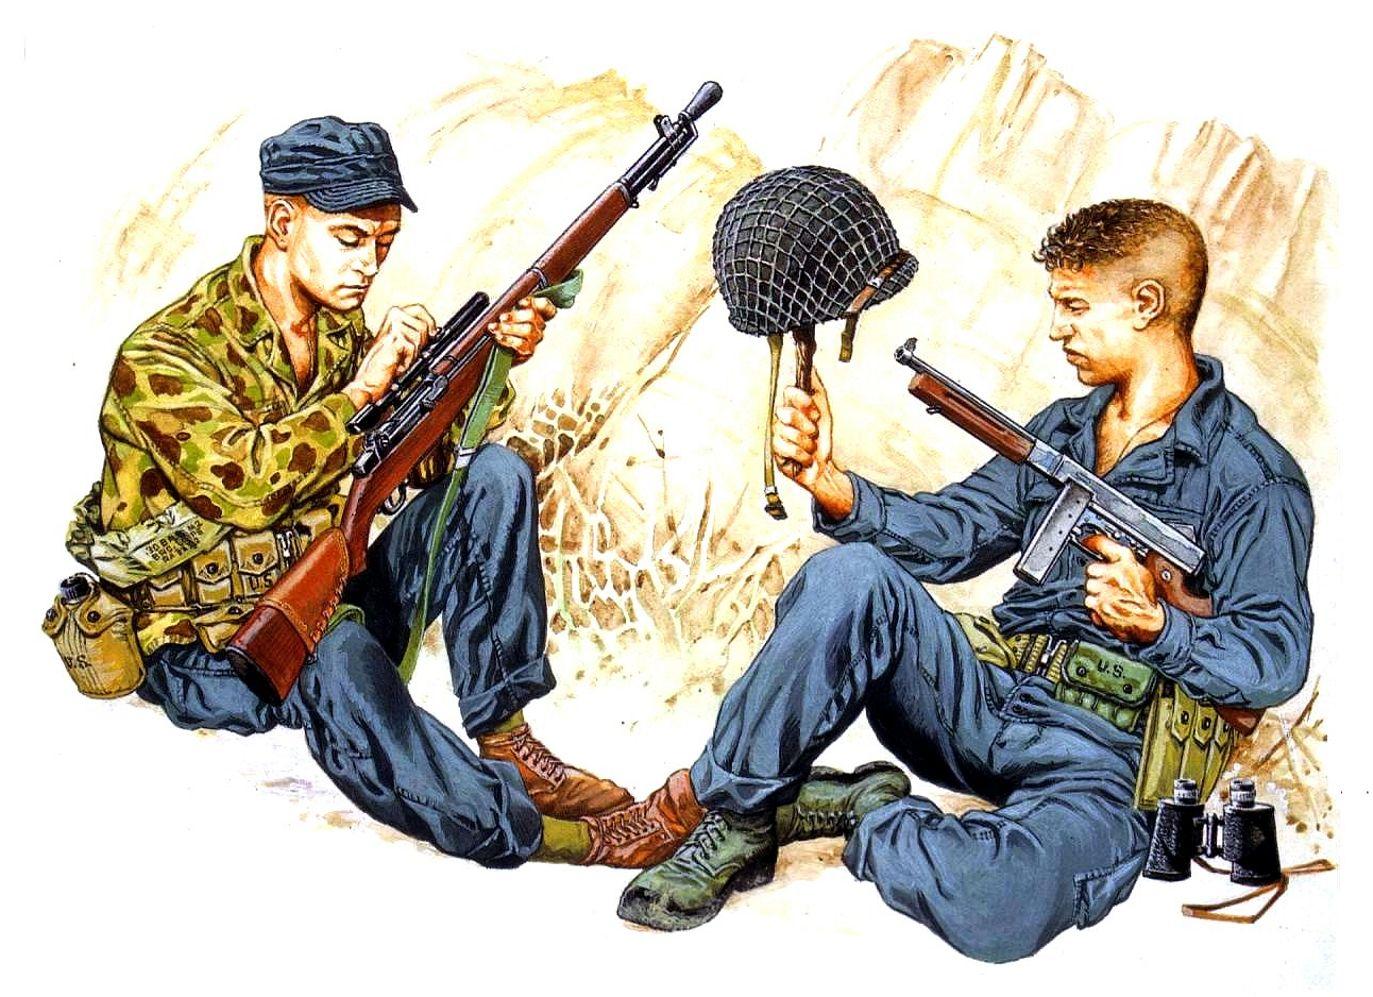 Bujeiro Ramiro. Американская снайперская пара.